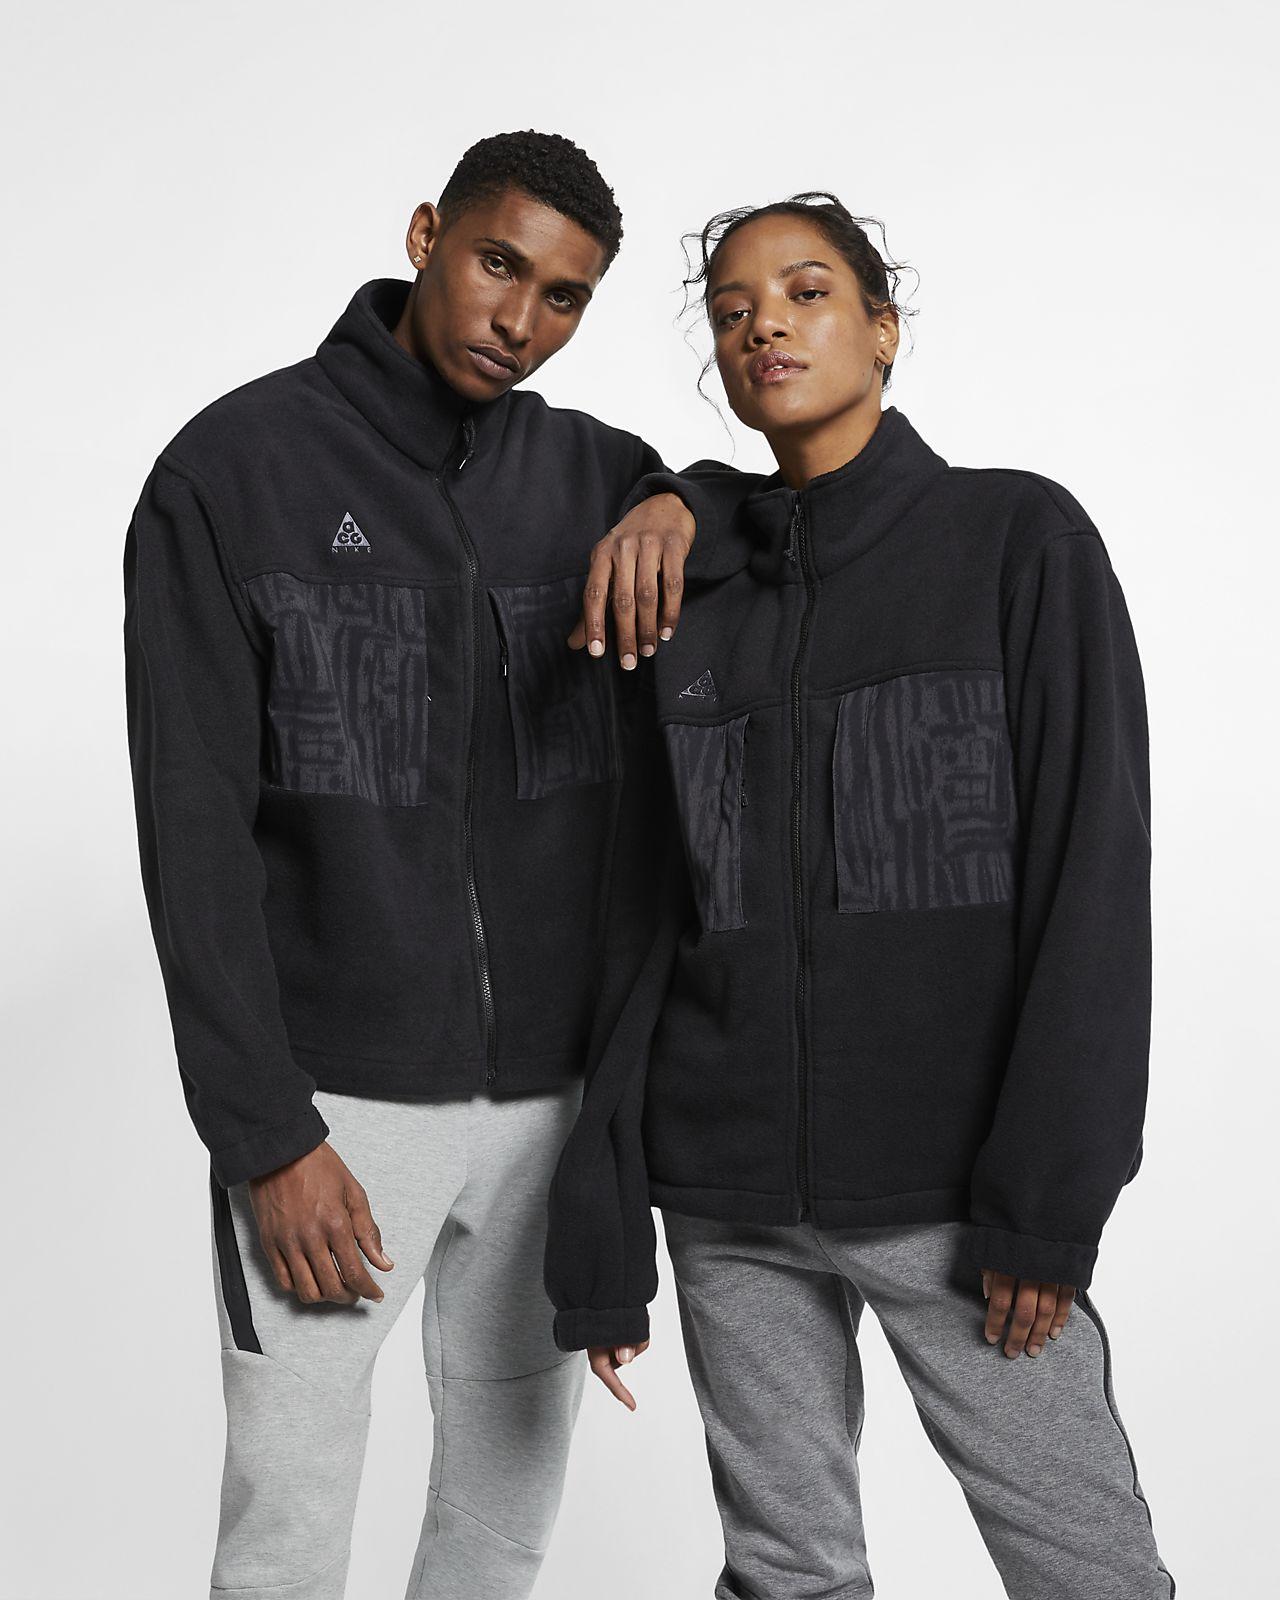 89256cd26df90 Low Resolution Nike ACG Fleece Jacket Nike ACG Fleece Jacket